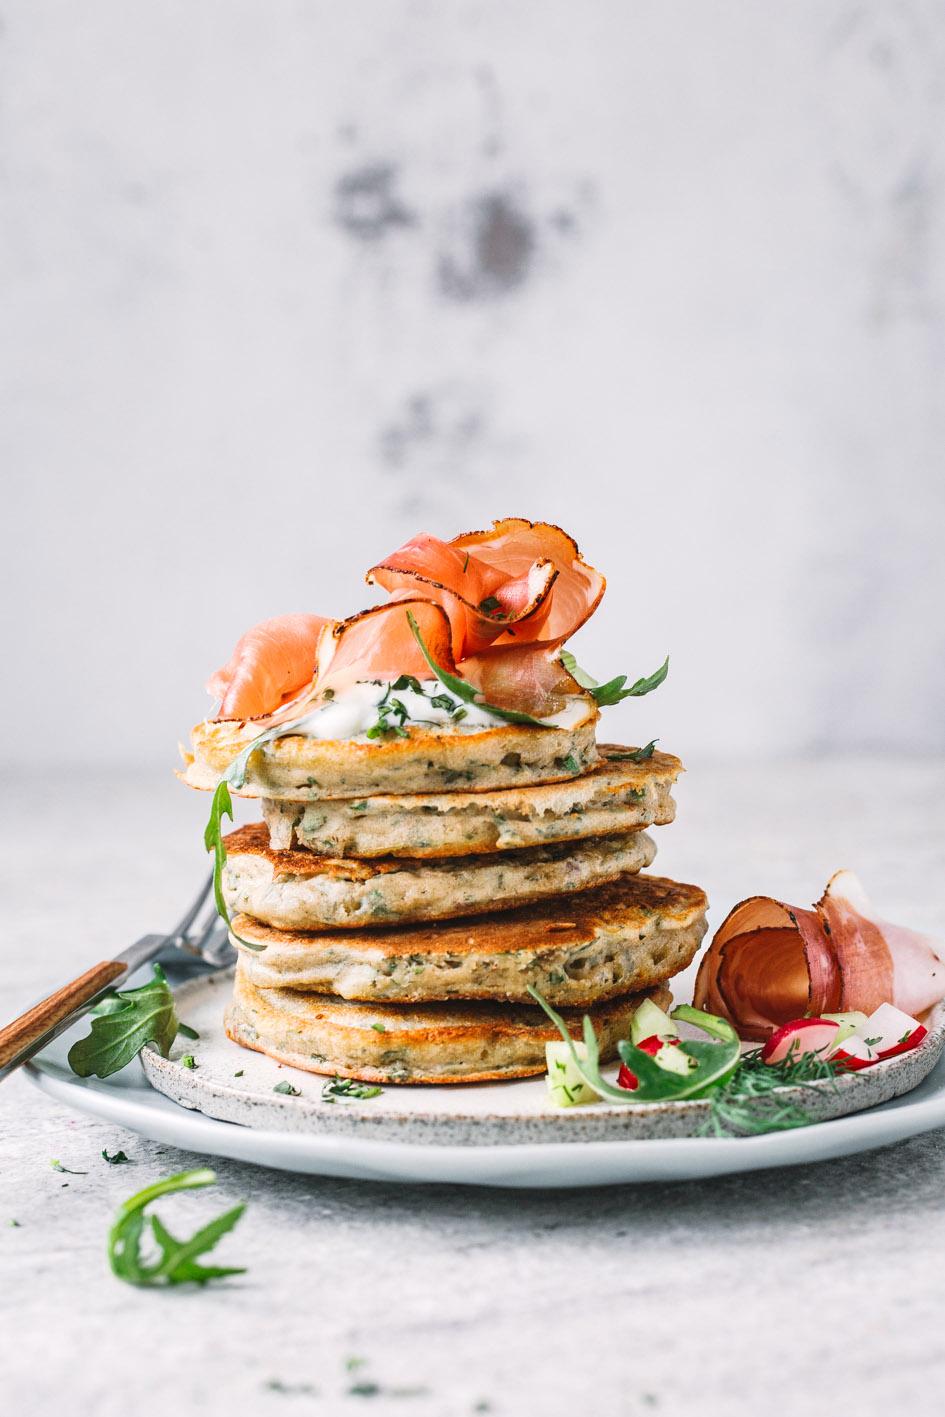 Zucchini-Kräuter-Pancakes übereinandergestapelt mit Speck auf Teller